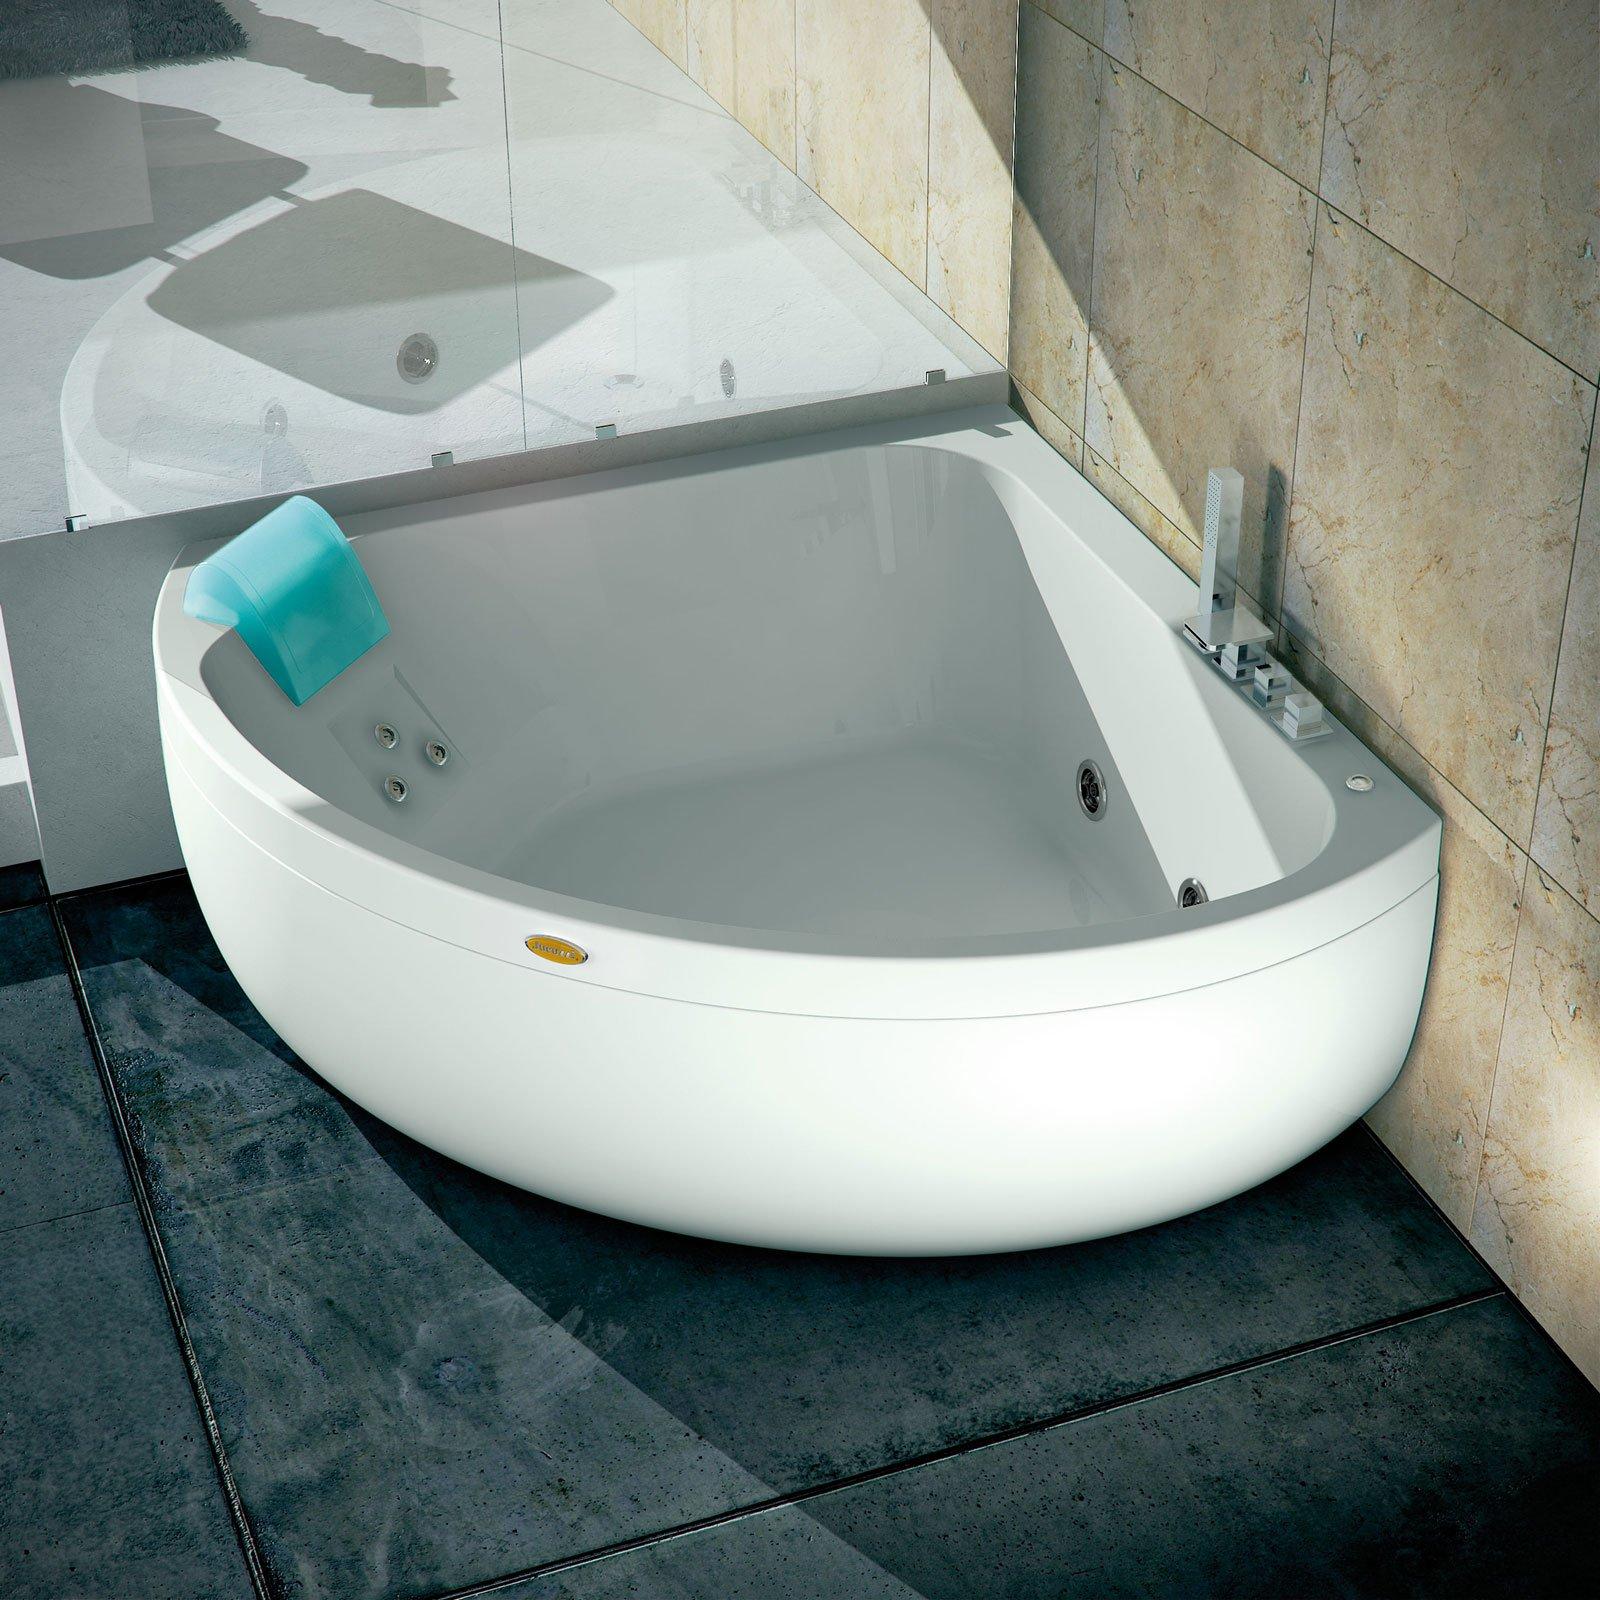 Vasche da bagno in acrilico leggere e antiscivolo hanno tanti vantaggi cose di casa - Vasca da bagno angolare piccola ...